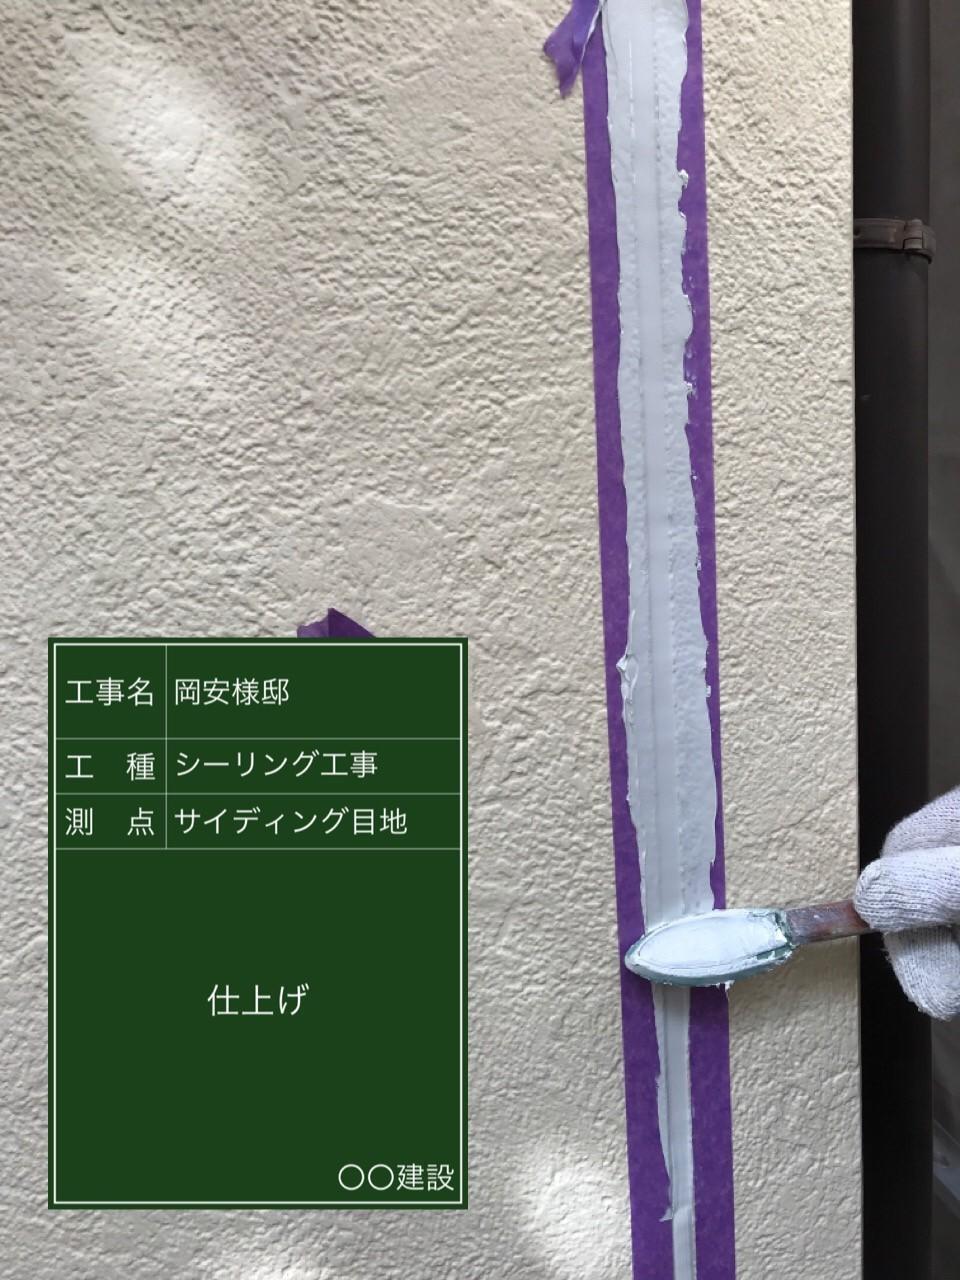 神戸市垂水区での外壁目地コーキング打ち替えでコーキングを抑えている様子